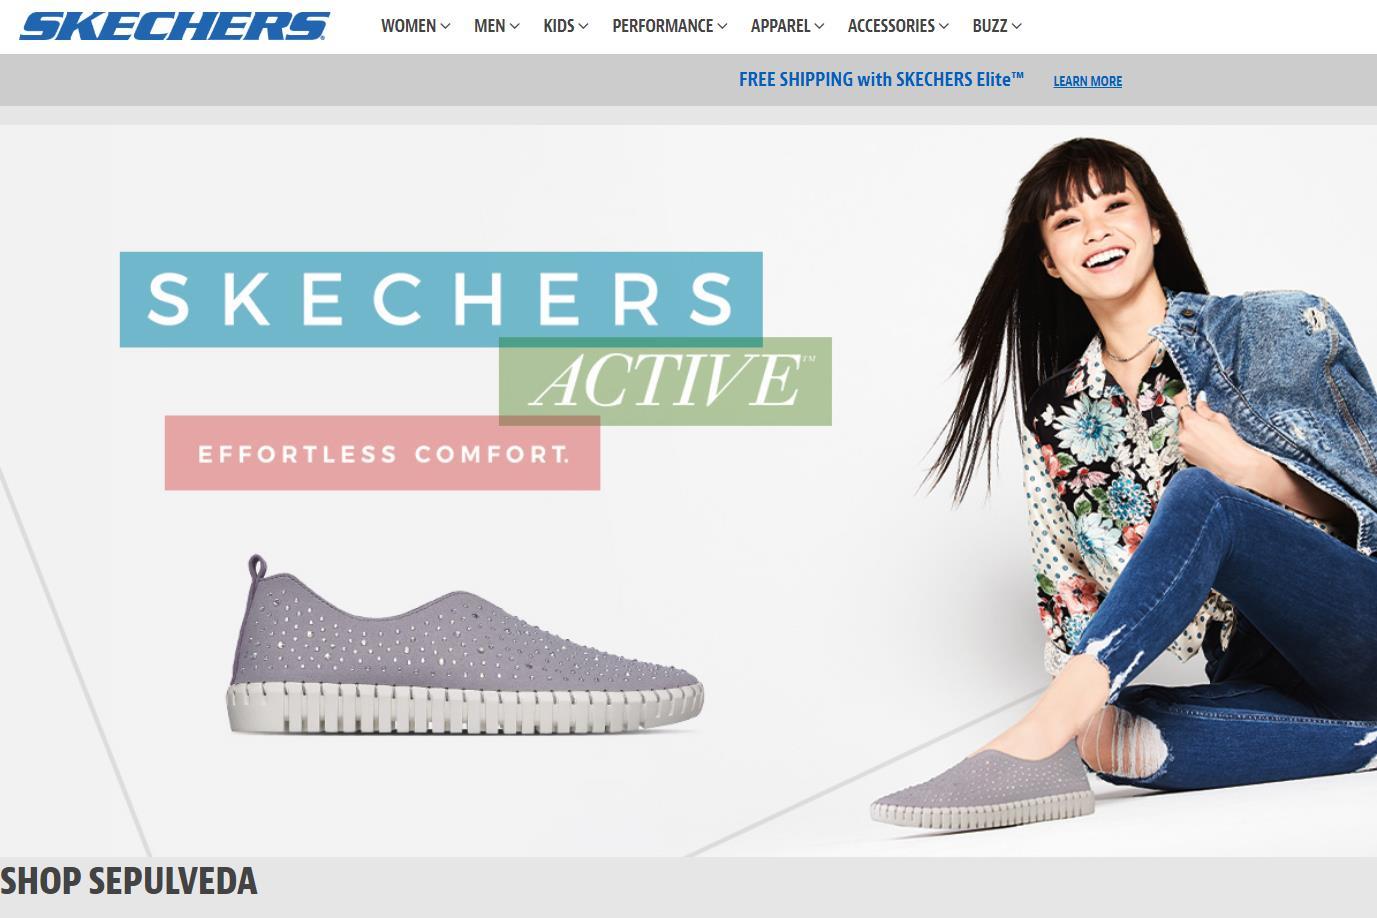 传:美国服饰零售巨头 VF 将以65亿美元收购美国休闲运动品牌Skechers